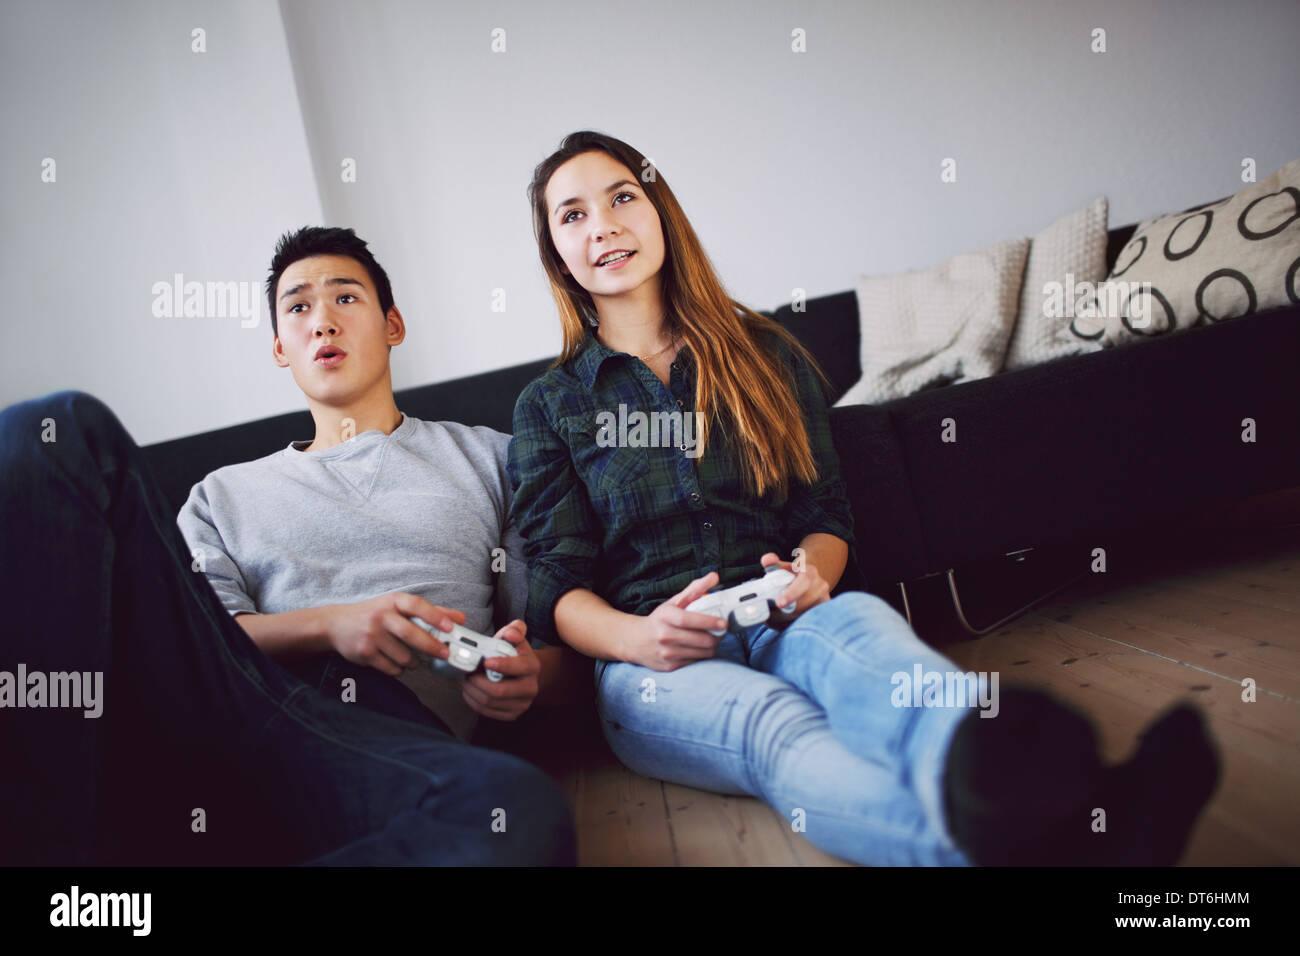 Pareja joven jugando juegos de video juntos mientras está sentado en su sala de estar. La pareja de adolescentes de raza mixta la celebración de juegos de vídeo. Imagen De Stock